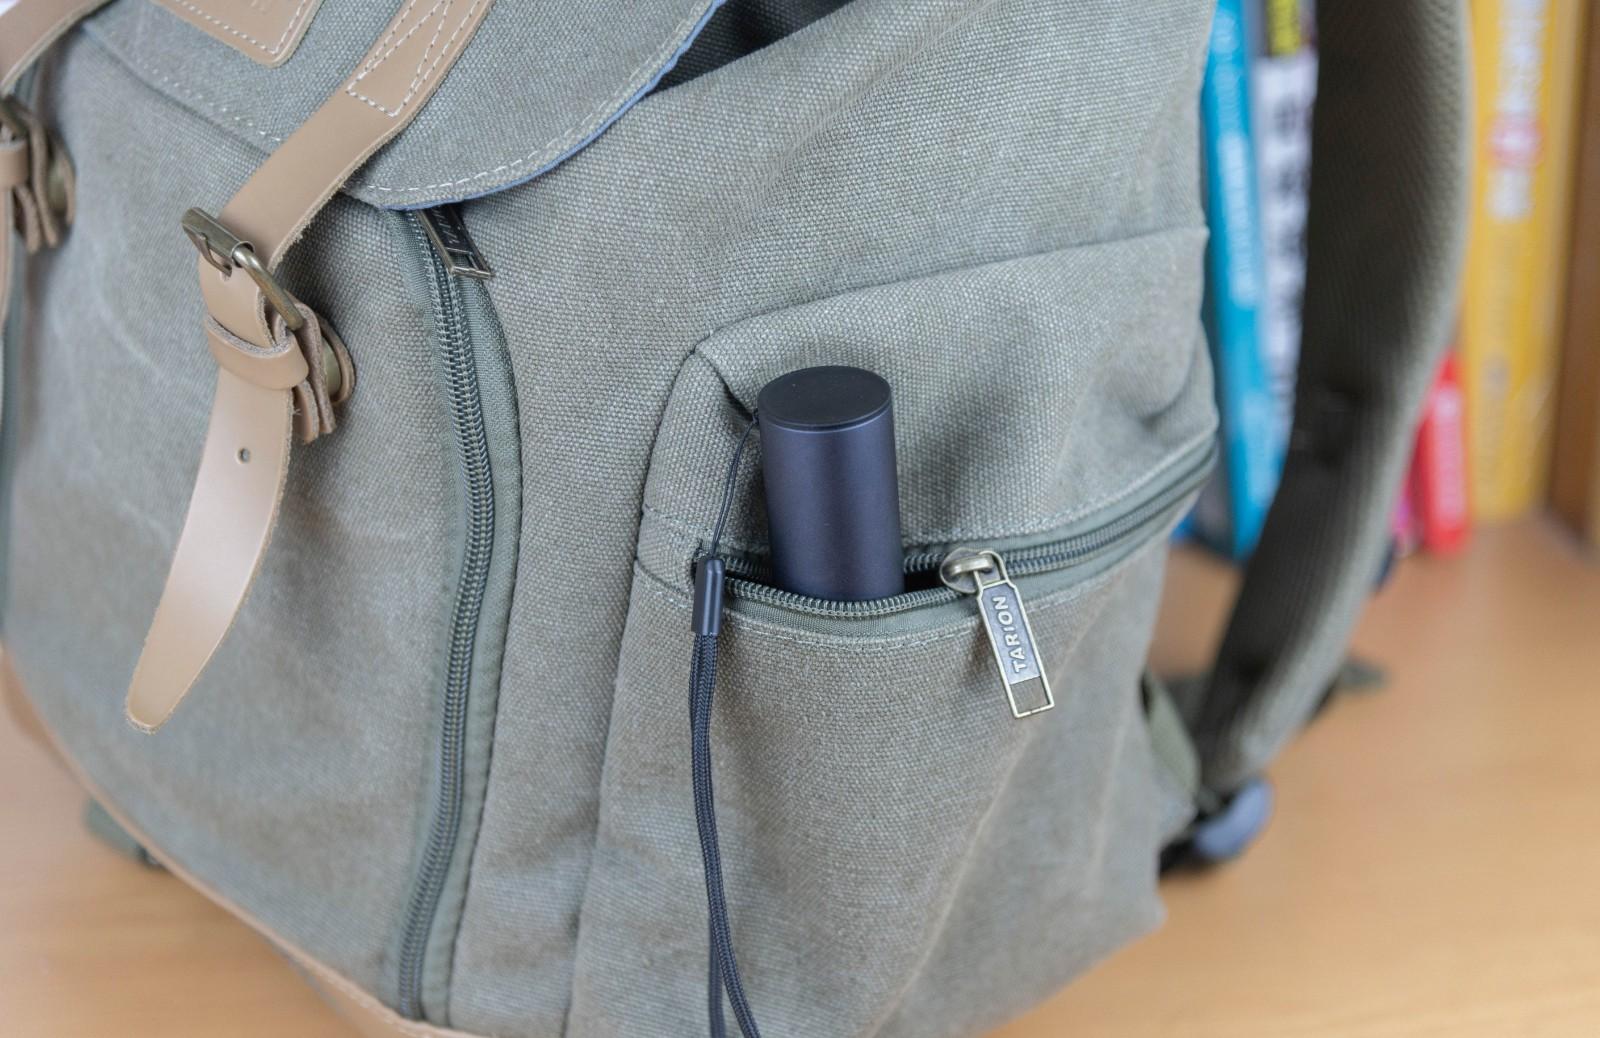 手电筒也可以是移动电源?别小看了紫米这款新品